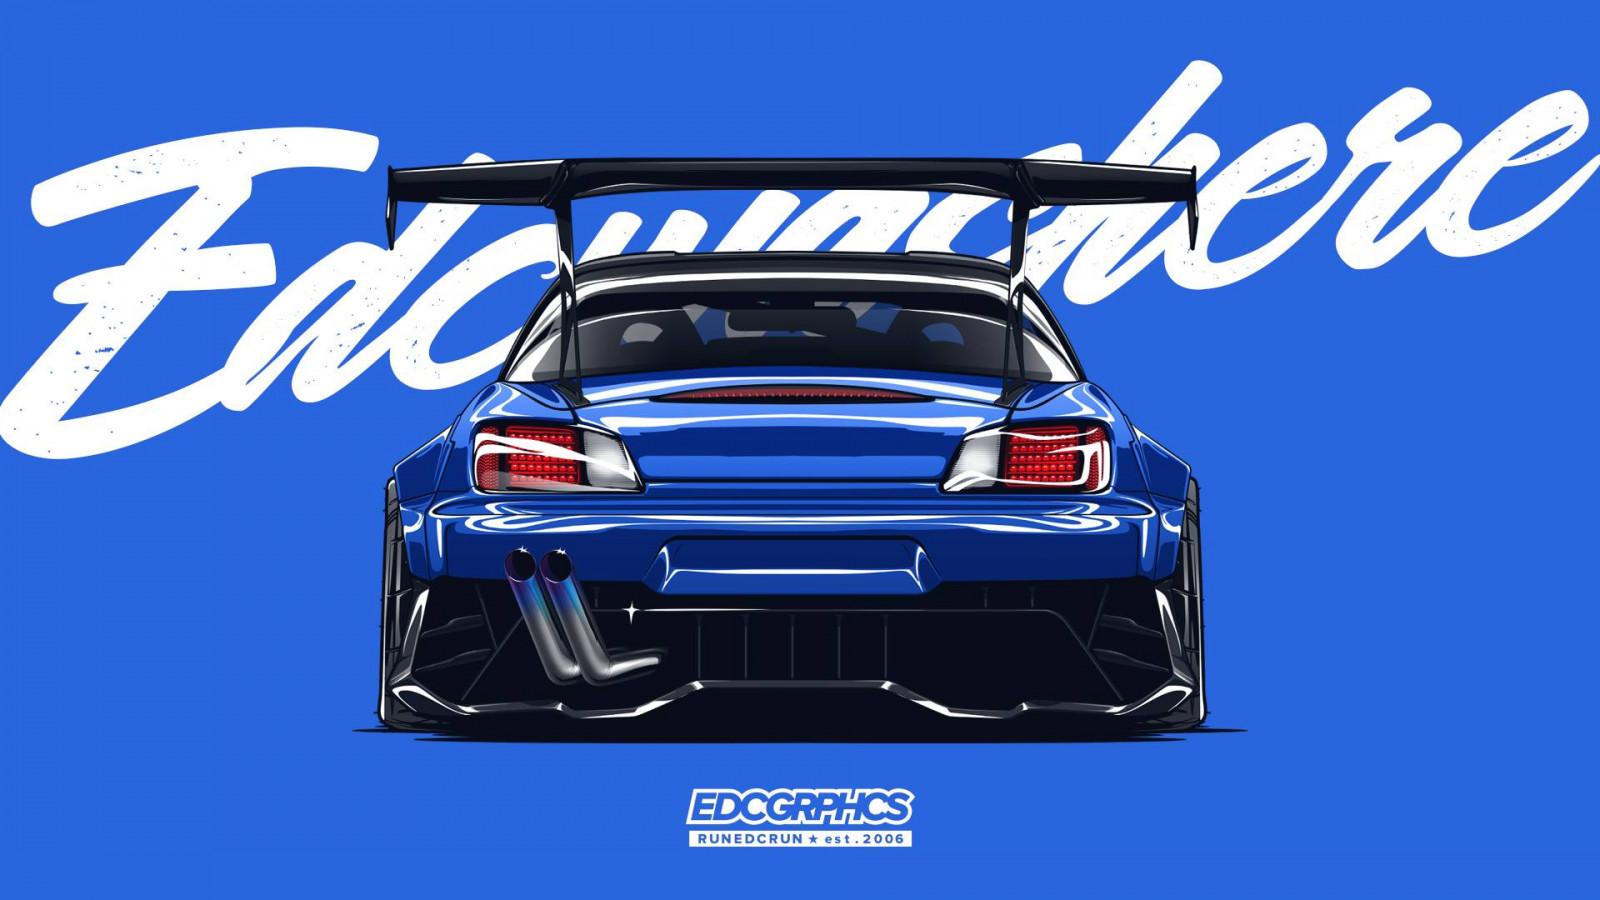 Wallpaper : EDC Graphics, JDM, Japanese cars, render ...